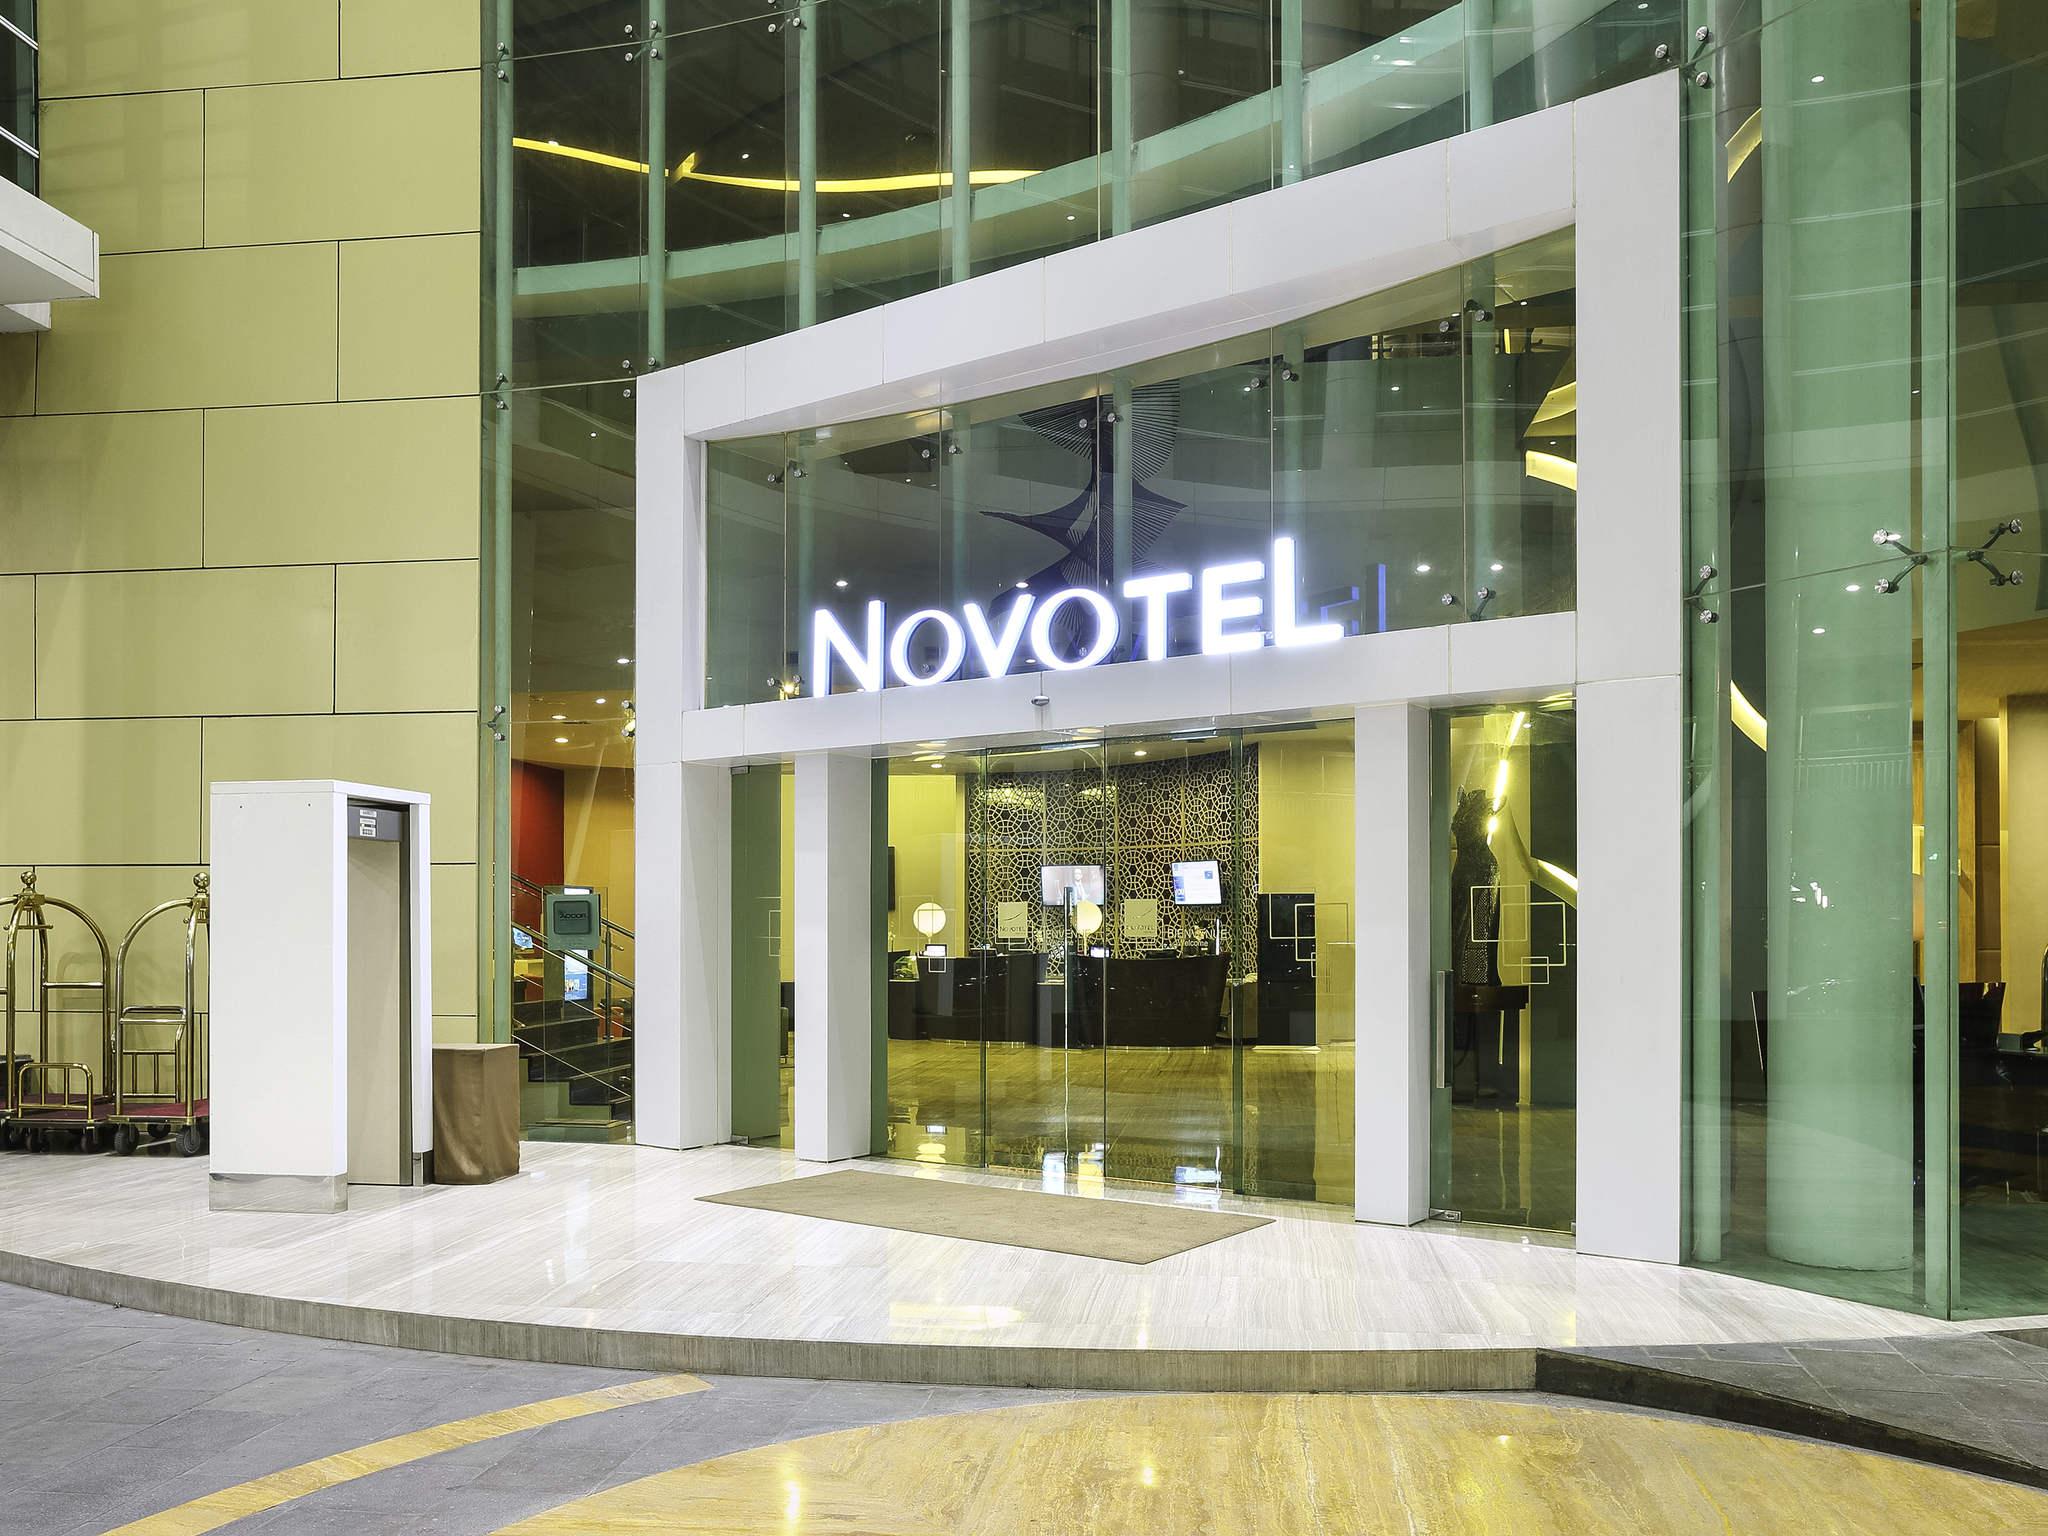 فندق - Novotel Jakarta Gajah Mada